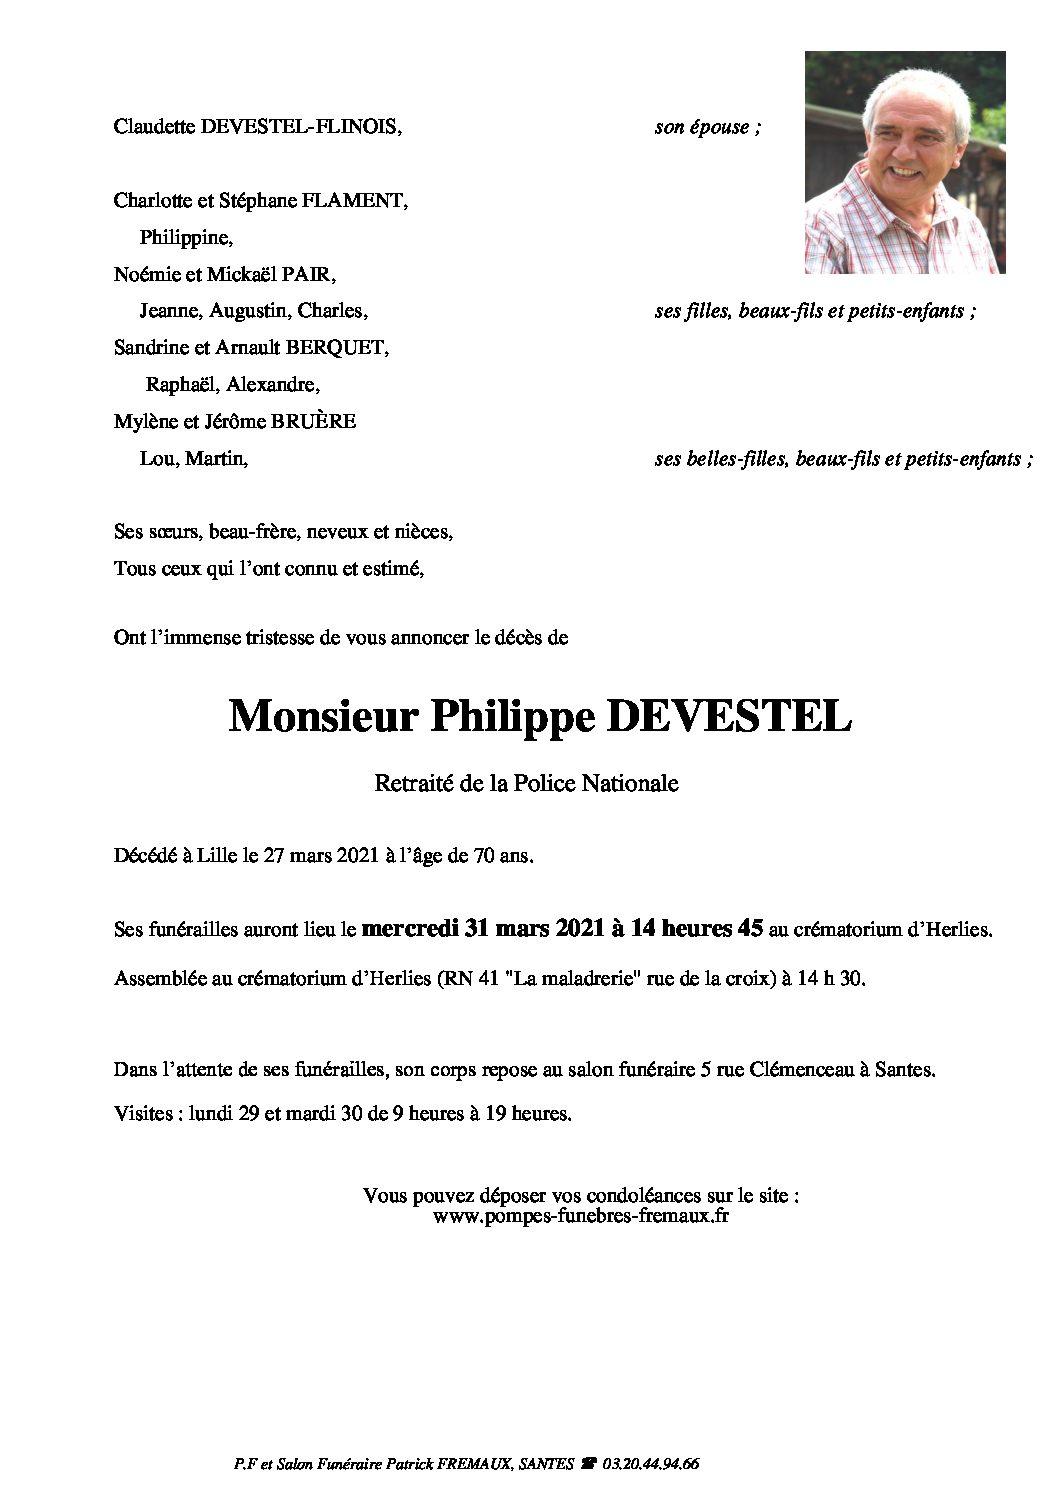 Monsieur Philippe DEVESTEL